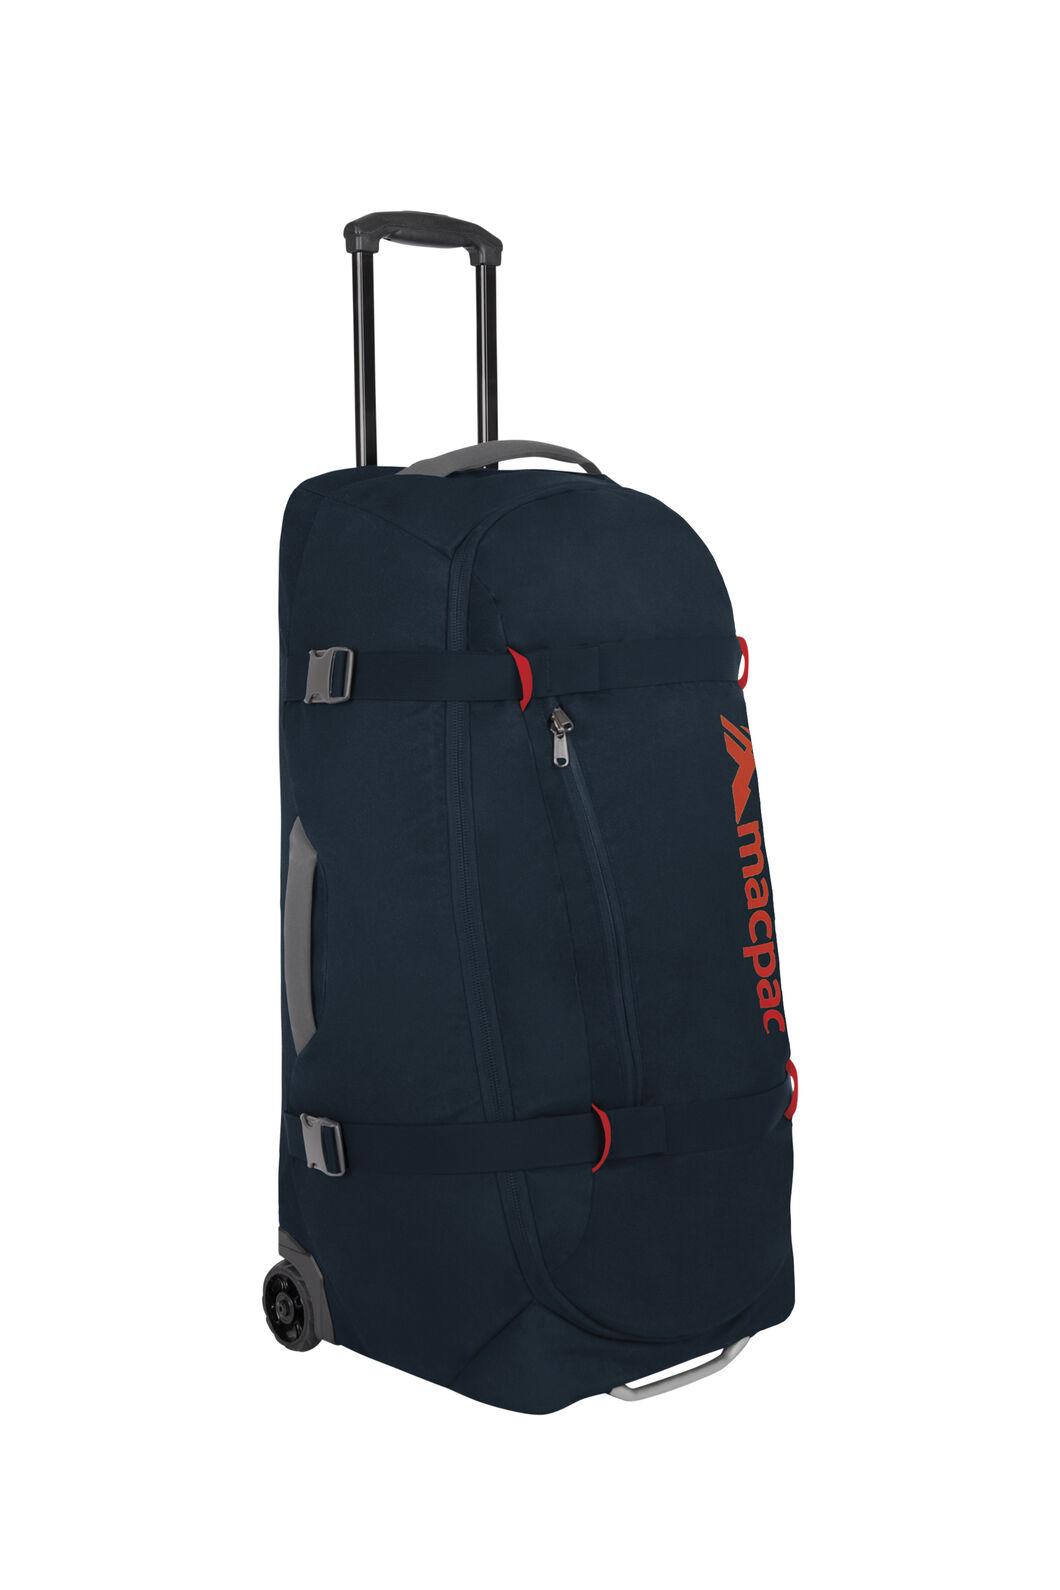 Macpac Global 80L Travel Bag, Carbon, hi-res